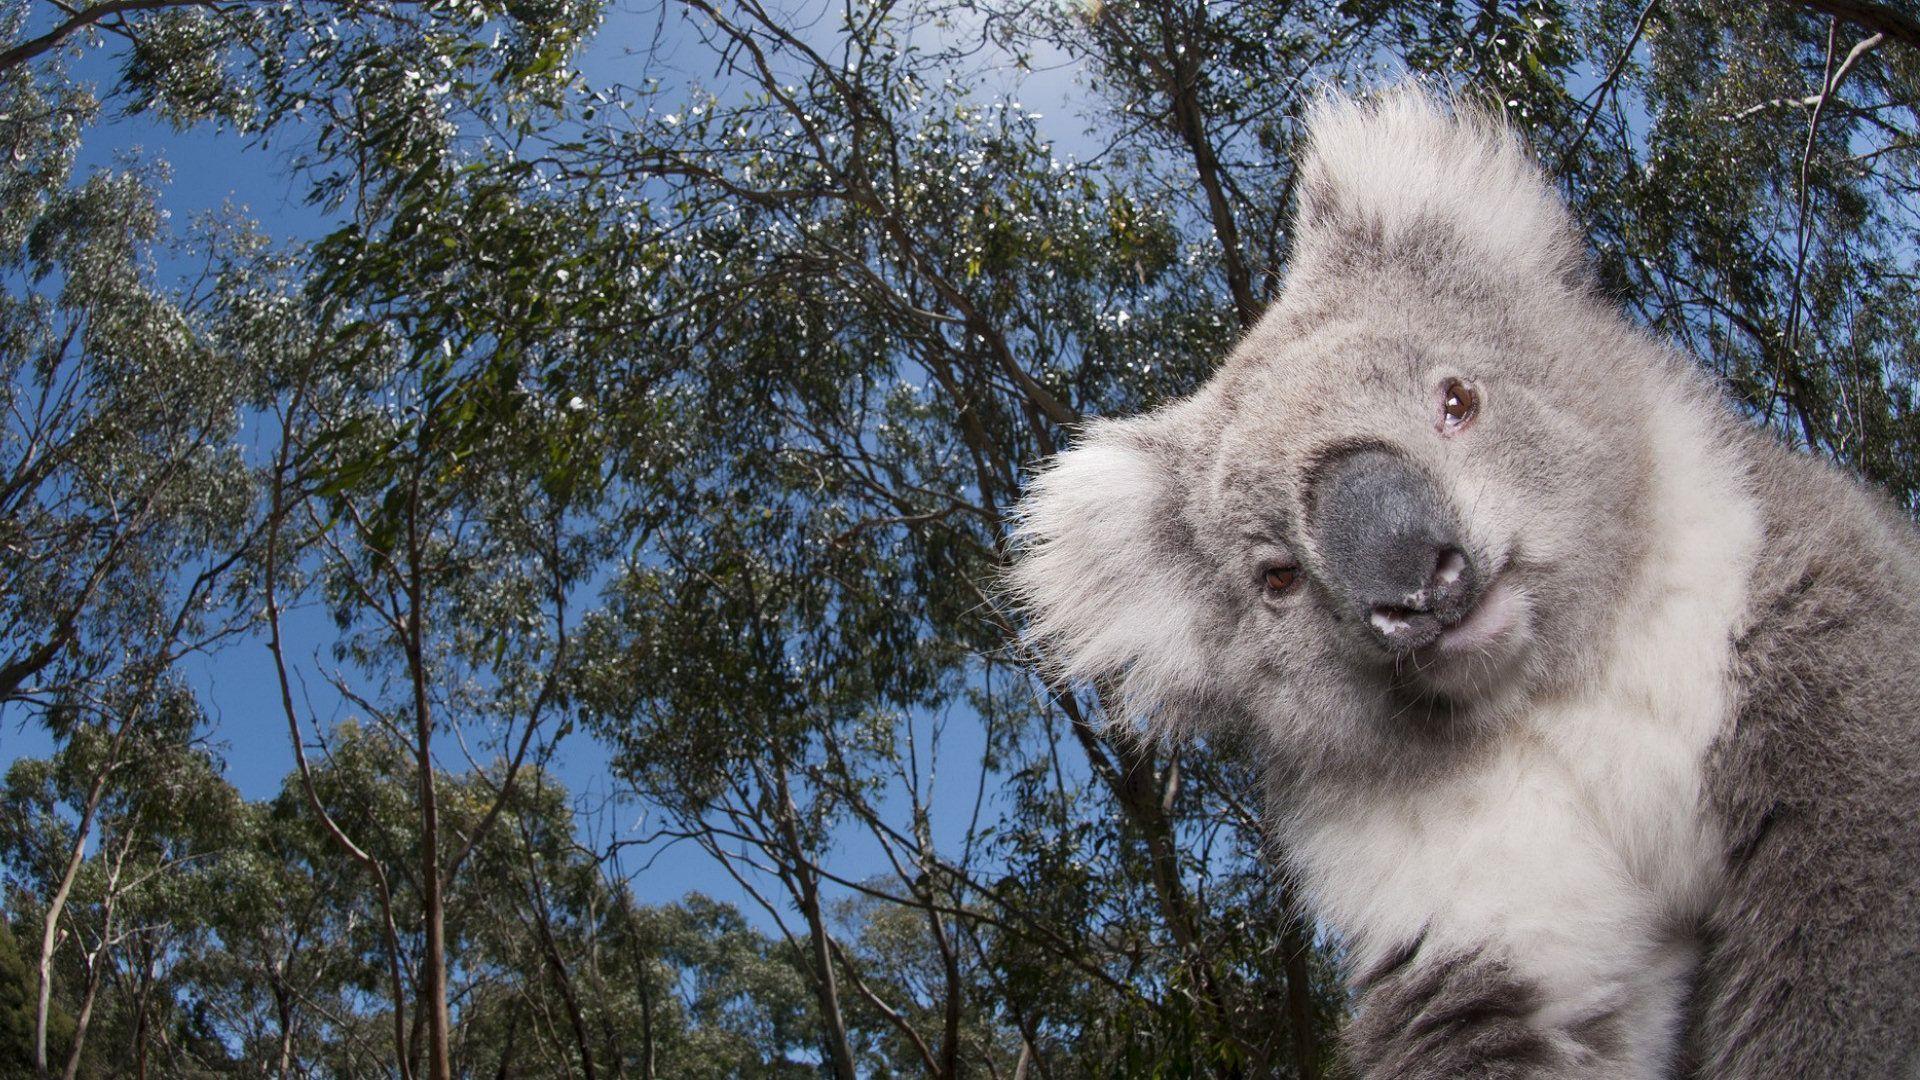 Cute Llama Wallpaper Desktop Koala Wallpapers Wallpaper Cave